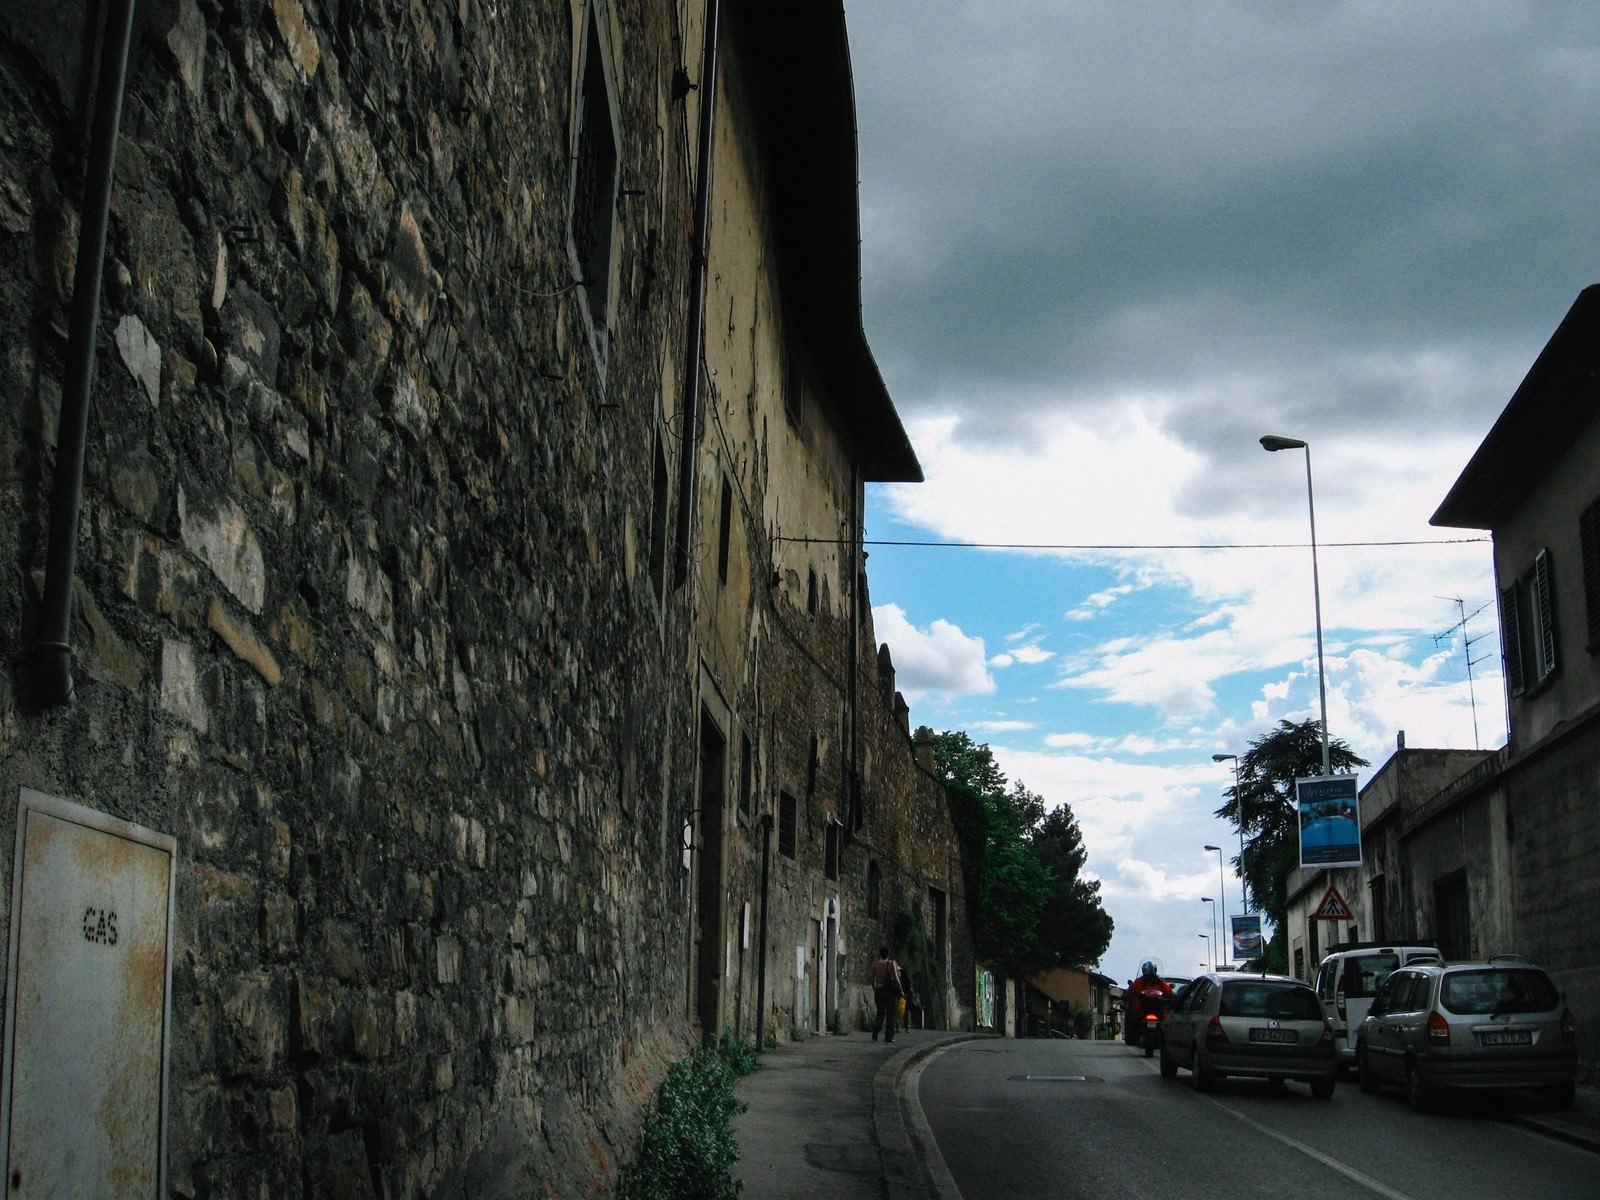 「フィレンツェの道路に並ぶレンガ造りの建物(イタリア)」の写真